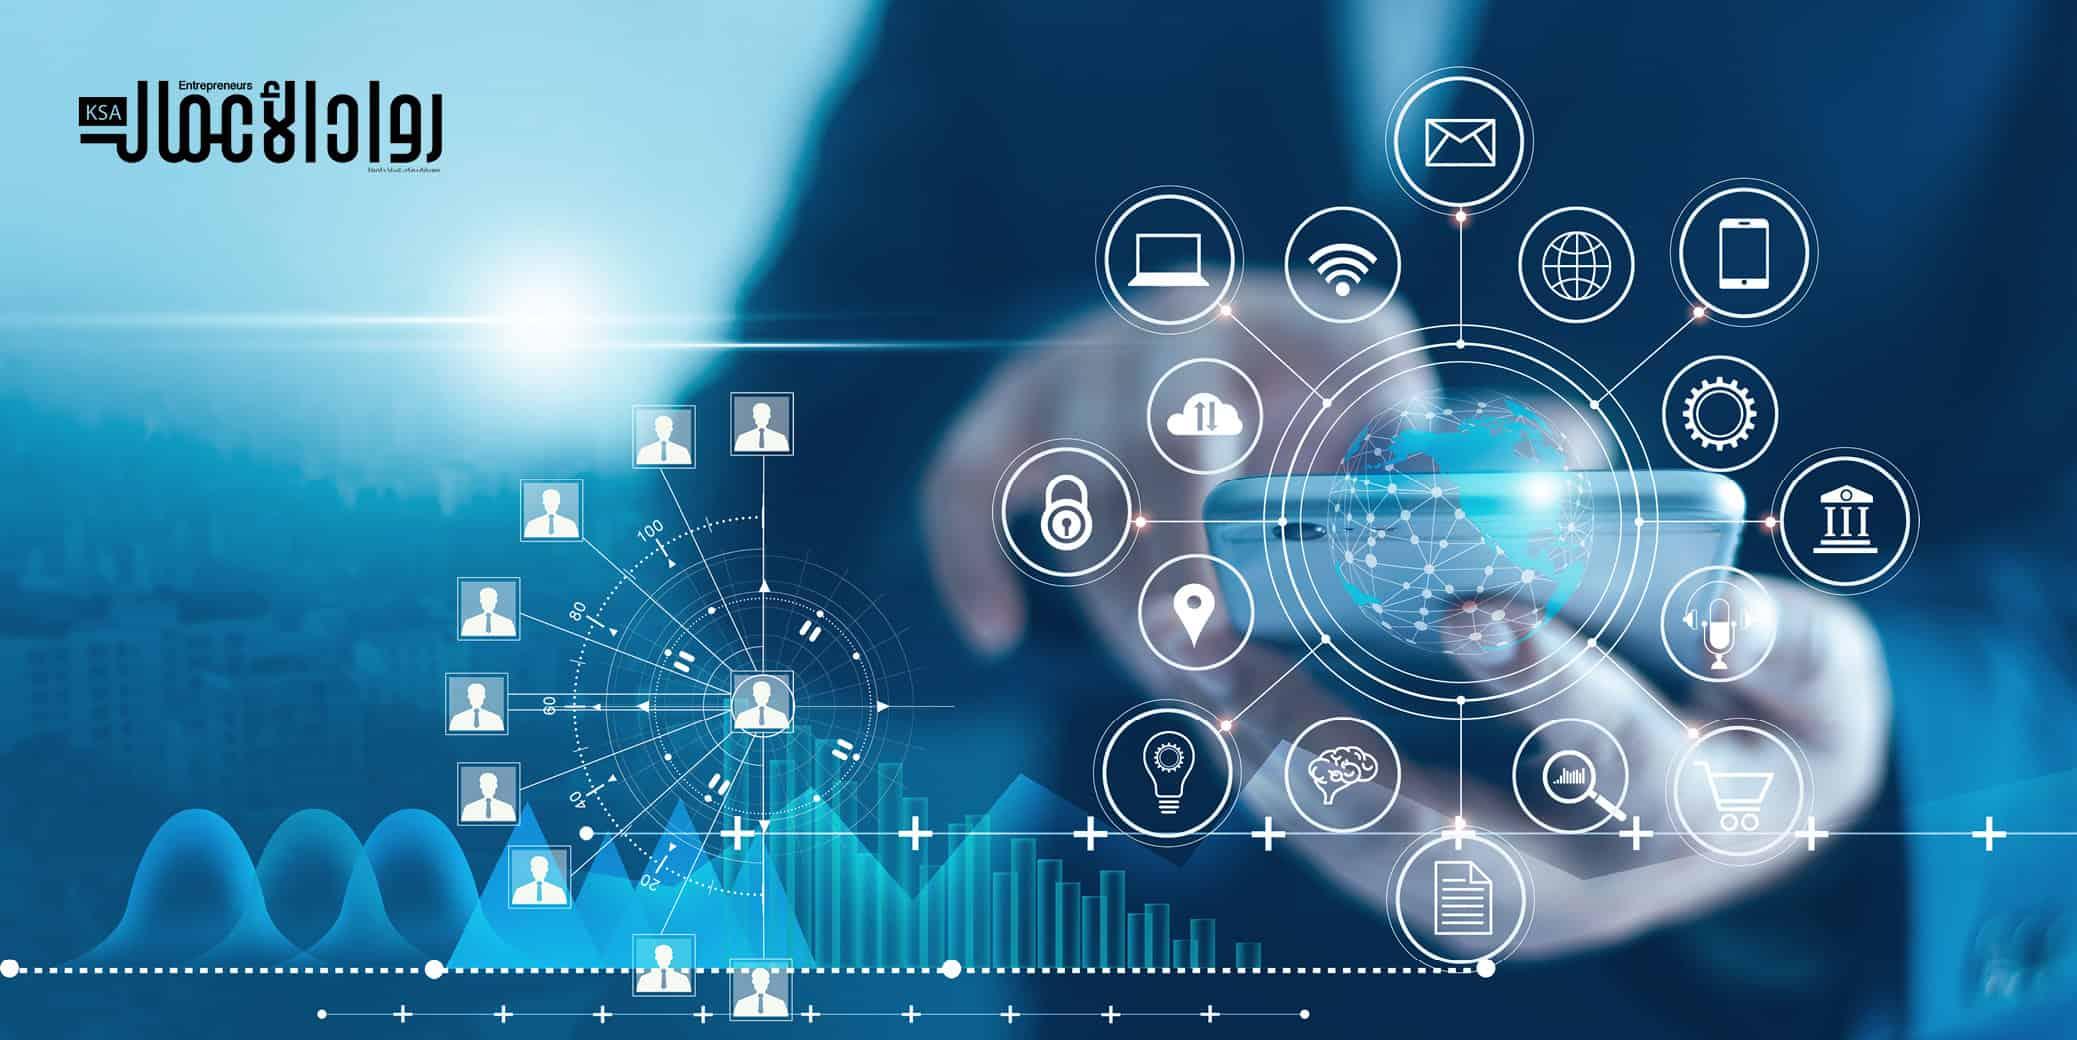 مفهوم تكنولوجيا المعلومات